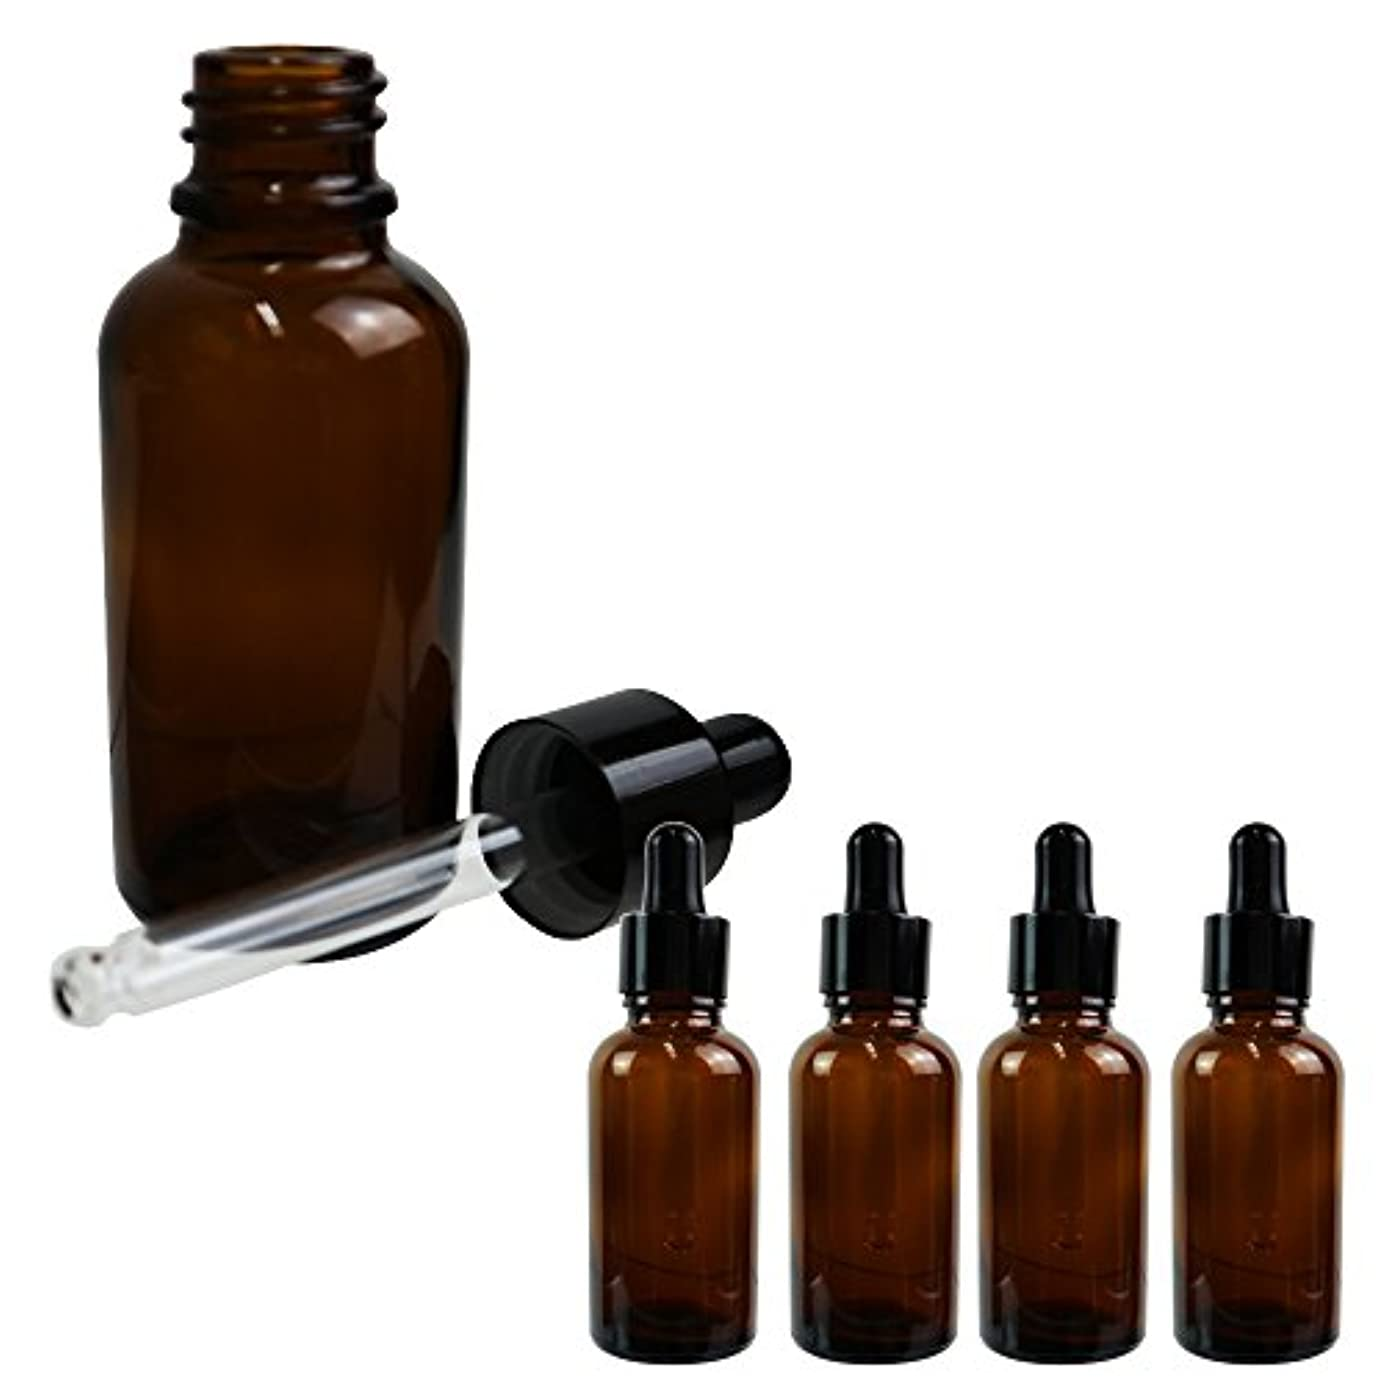 よろしく着陸振動させるSunlitous スポイト付き遮光瓶 香水 アロマ 化粧水 小分け 保存用 30ml 5本セット (ブラウン)